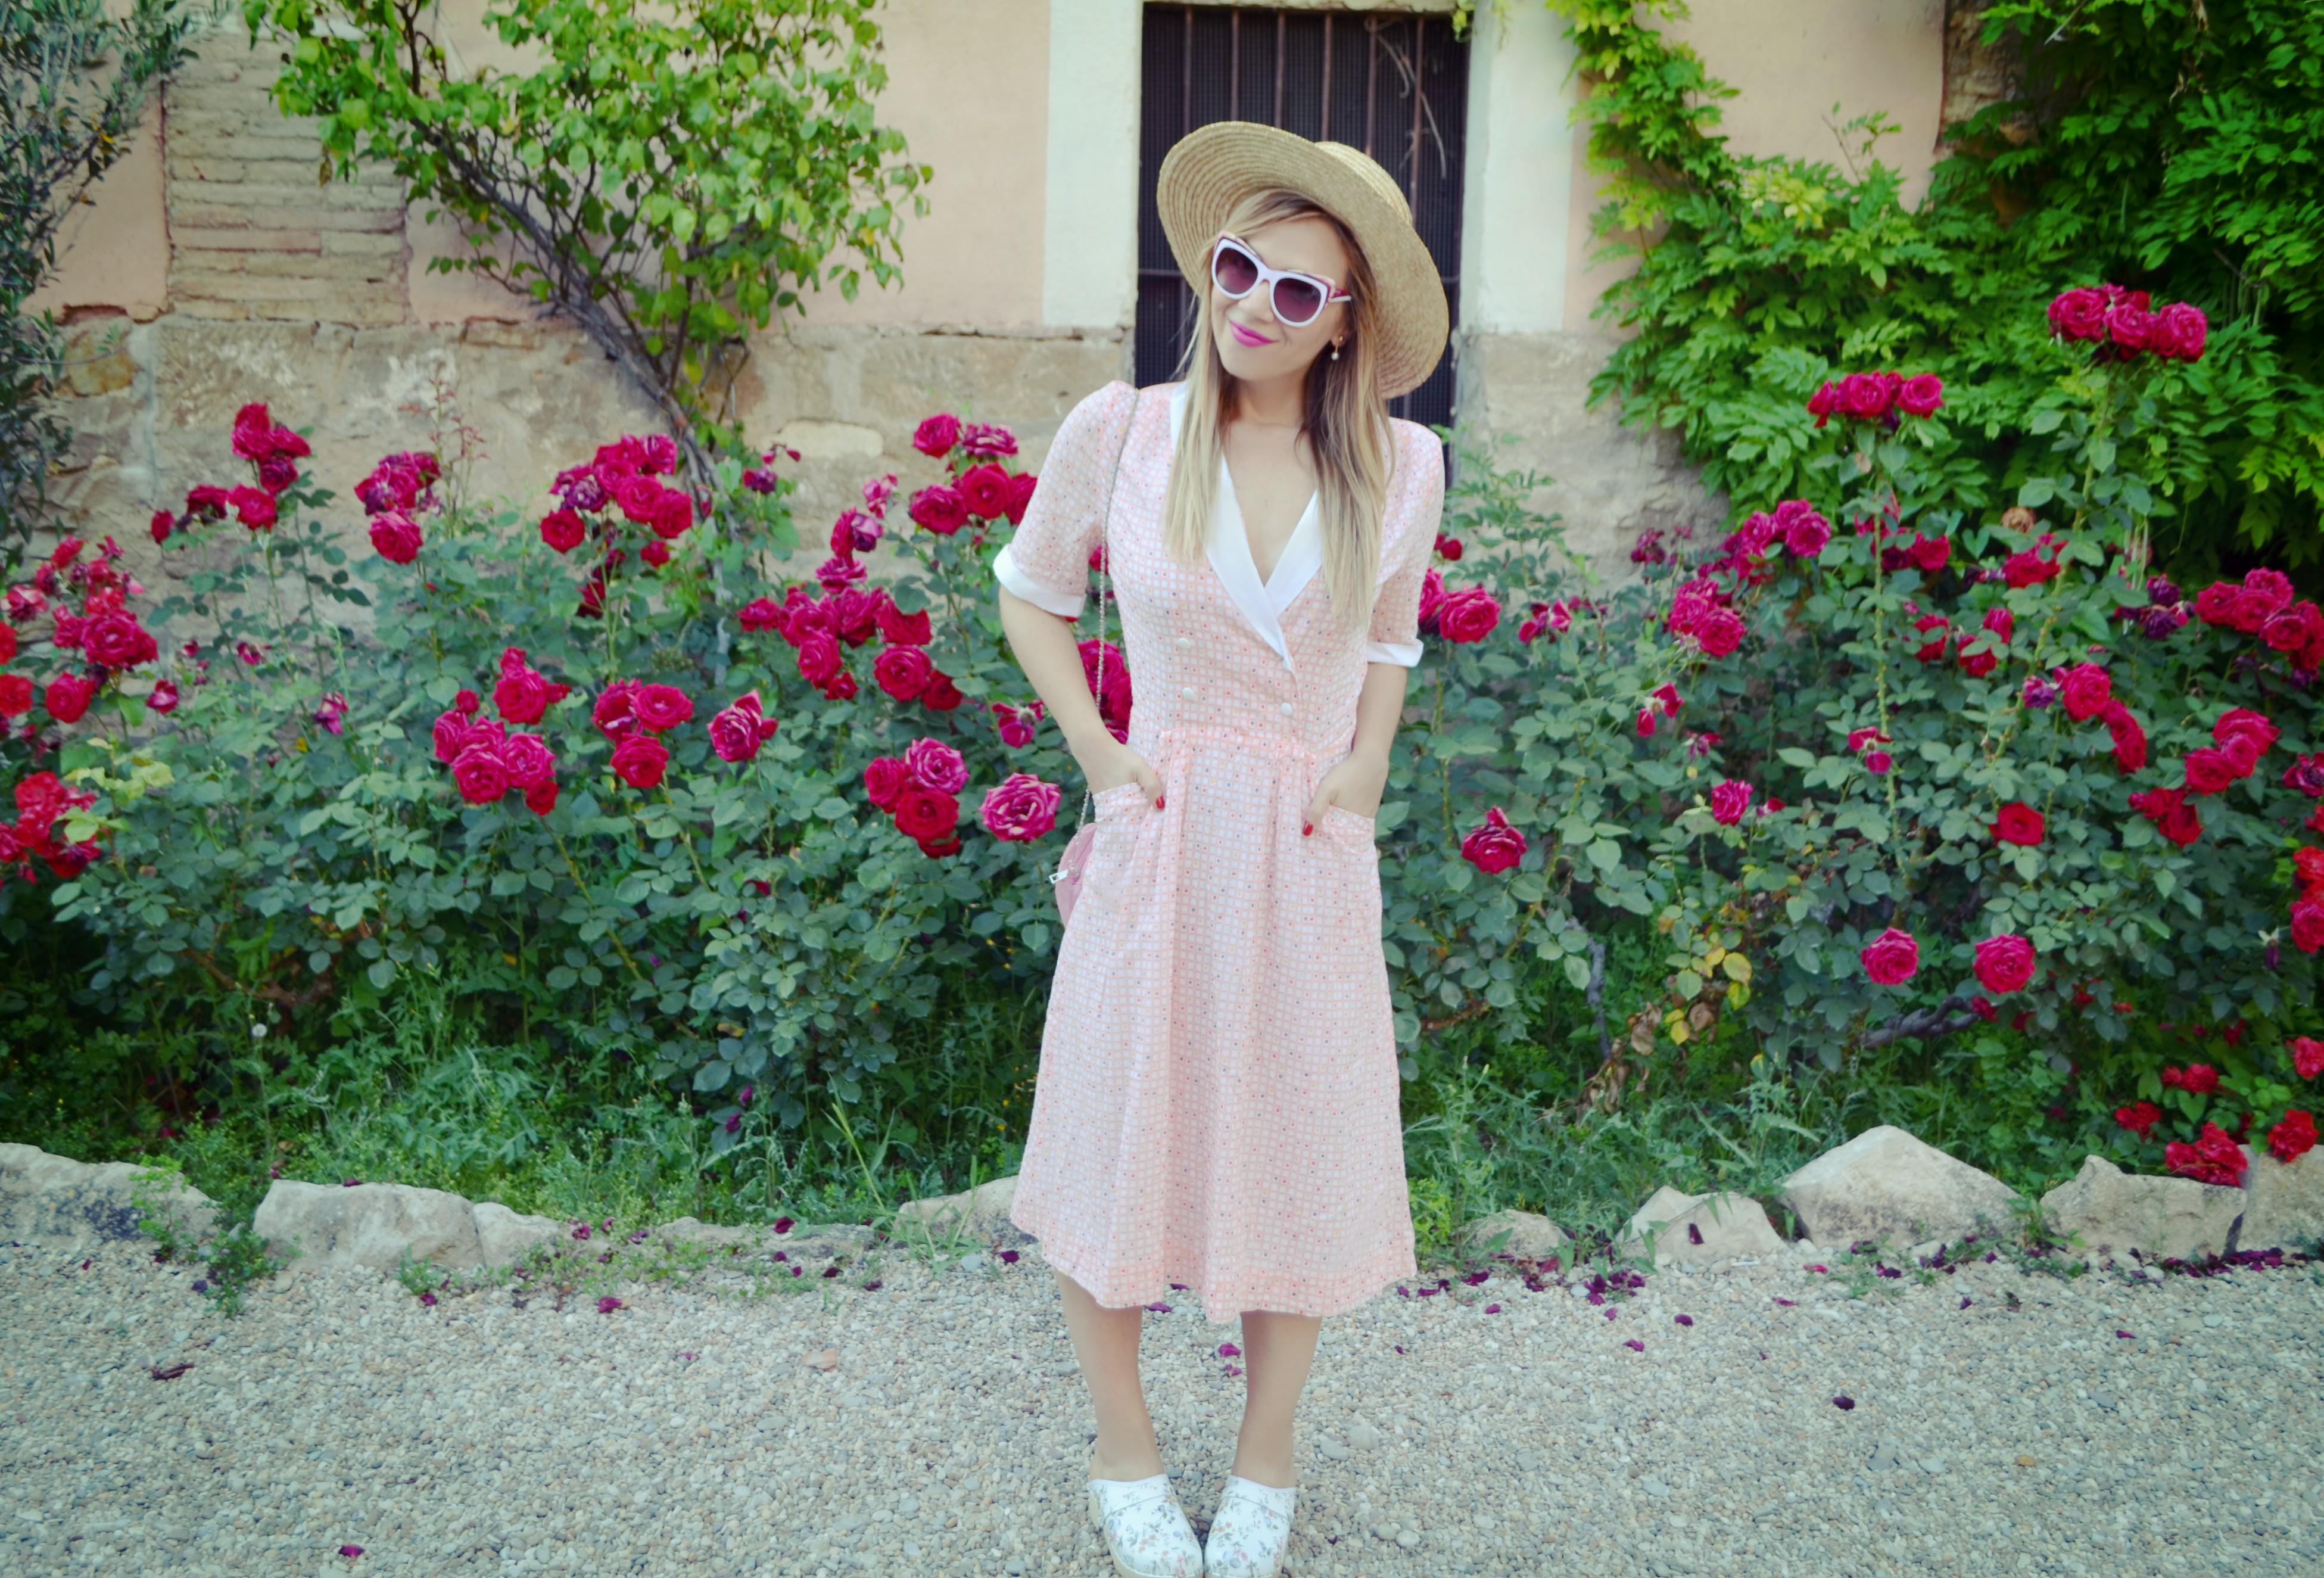 ChicAdicta-blog-de-moda-fashionista-influencers-florette-vestidos-de-flores-suecos-retro-canotier-style-PiensaenChic-Piensa-en-Chic